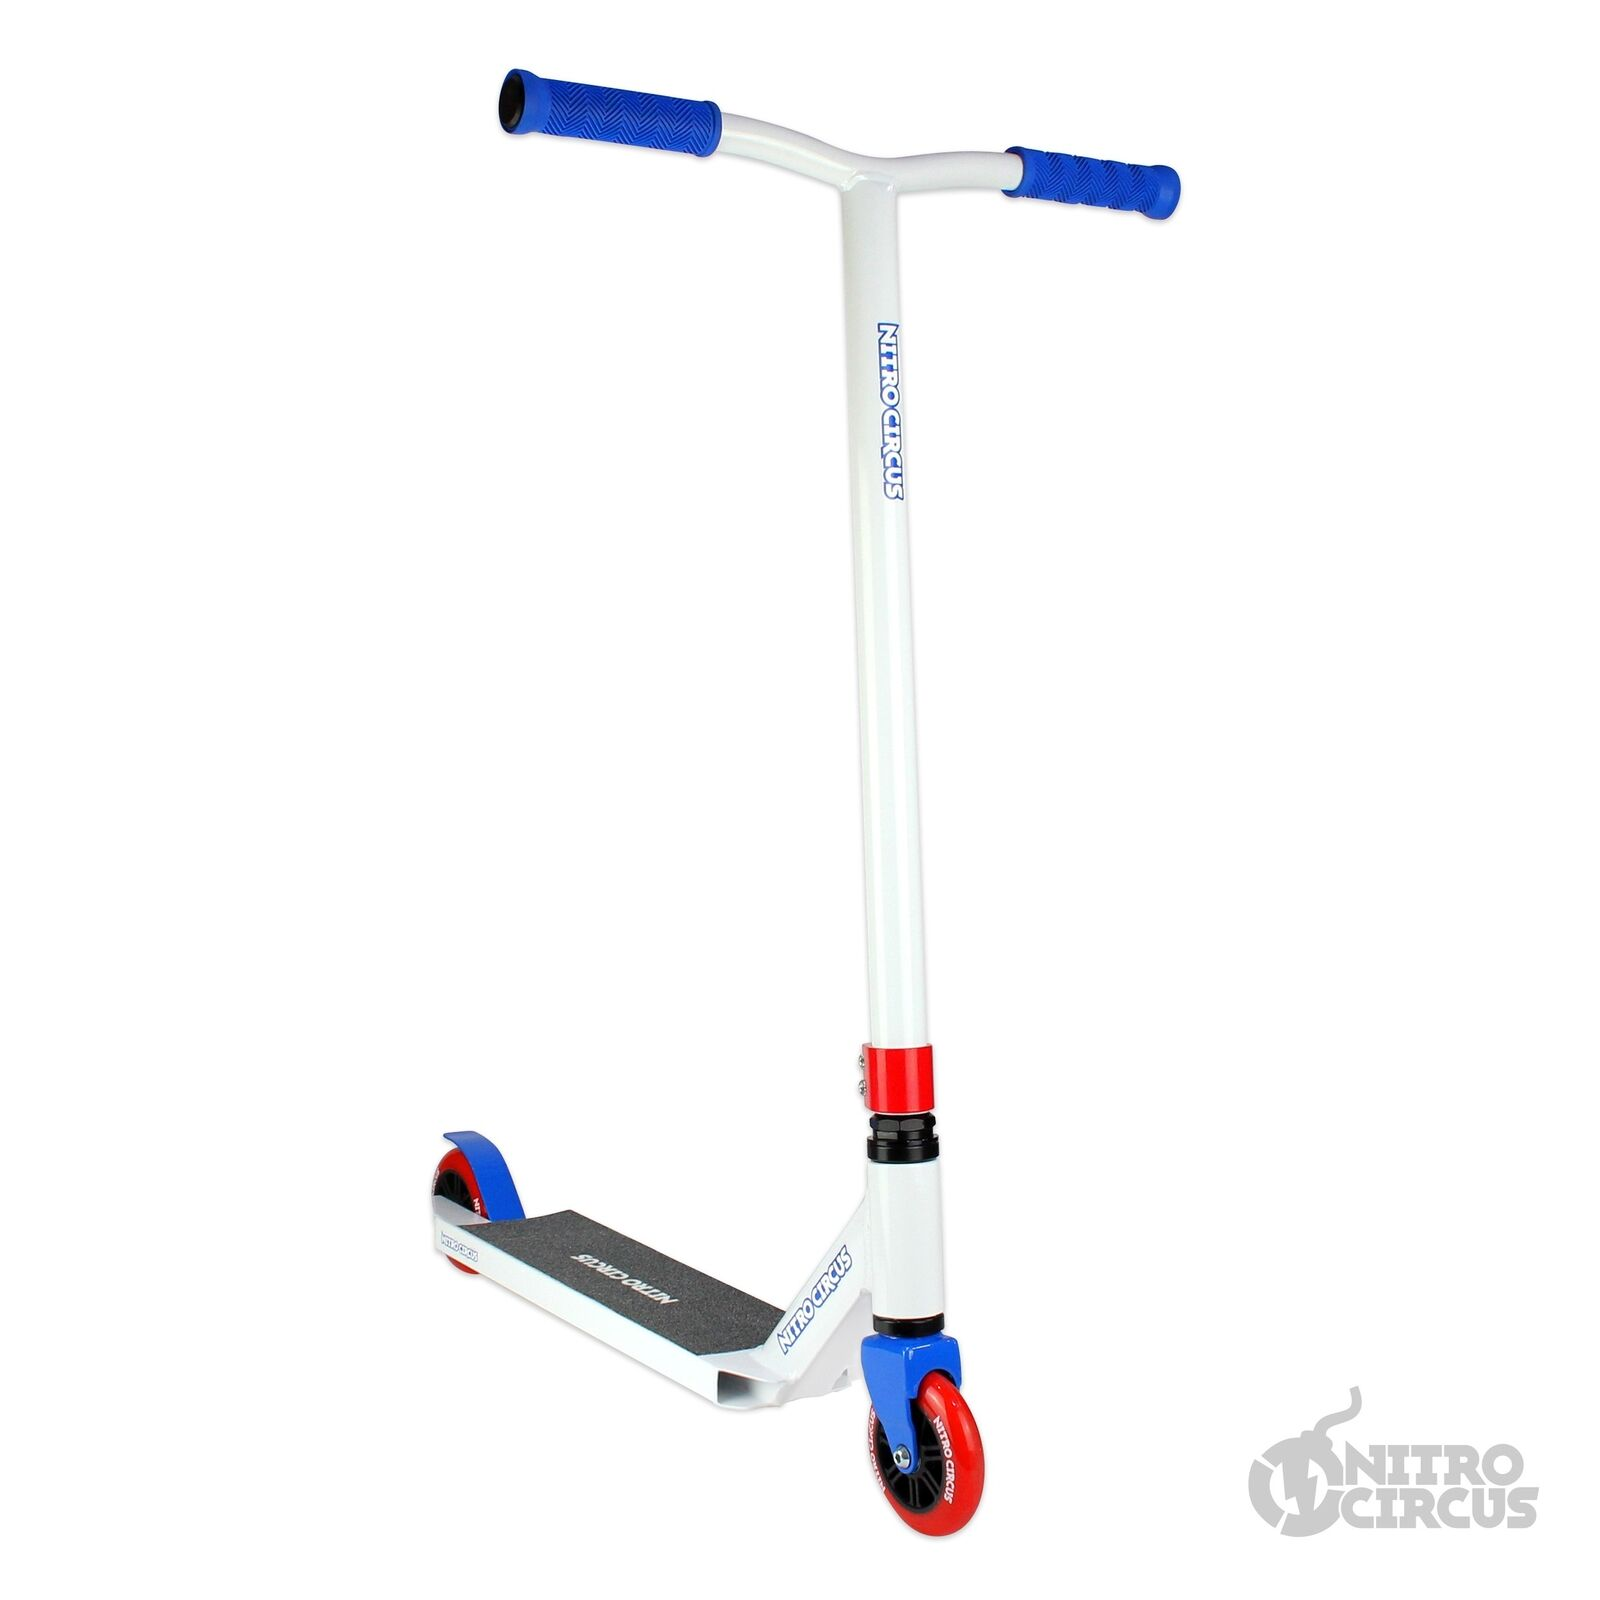 NITRO Circus CX2  Completo Scooter-blancoo Azul Rojo  buena reputación